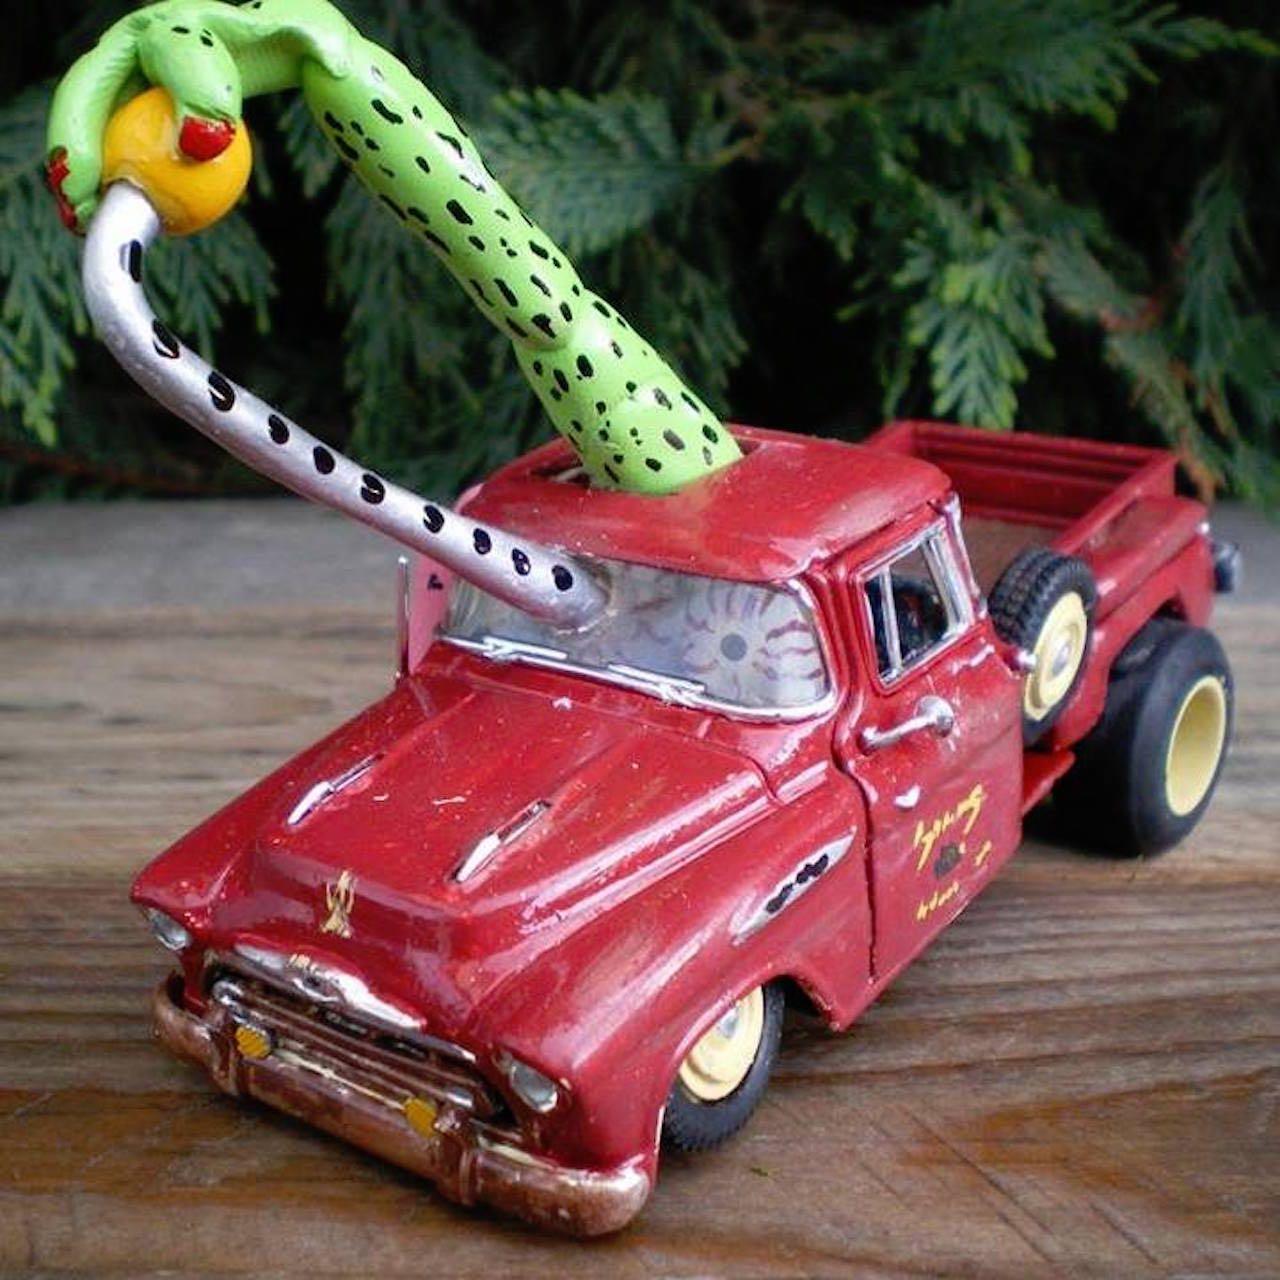 #Petrolhead : Funny Monsters - Délire ! 9